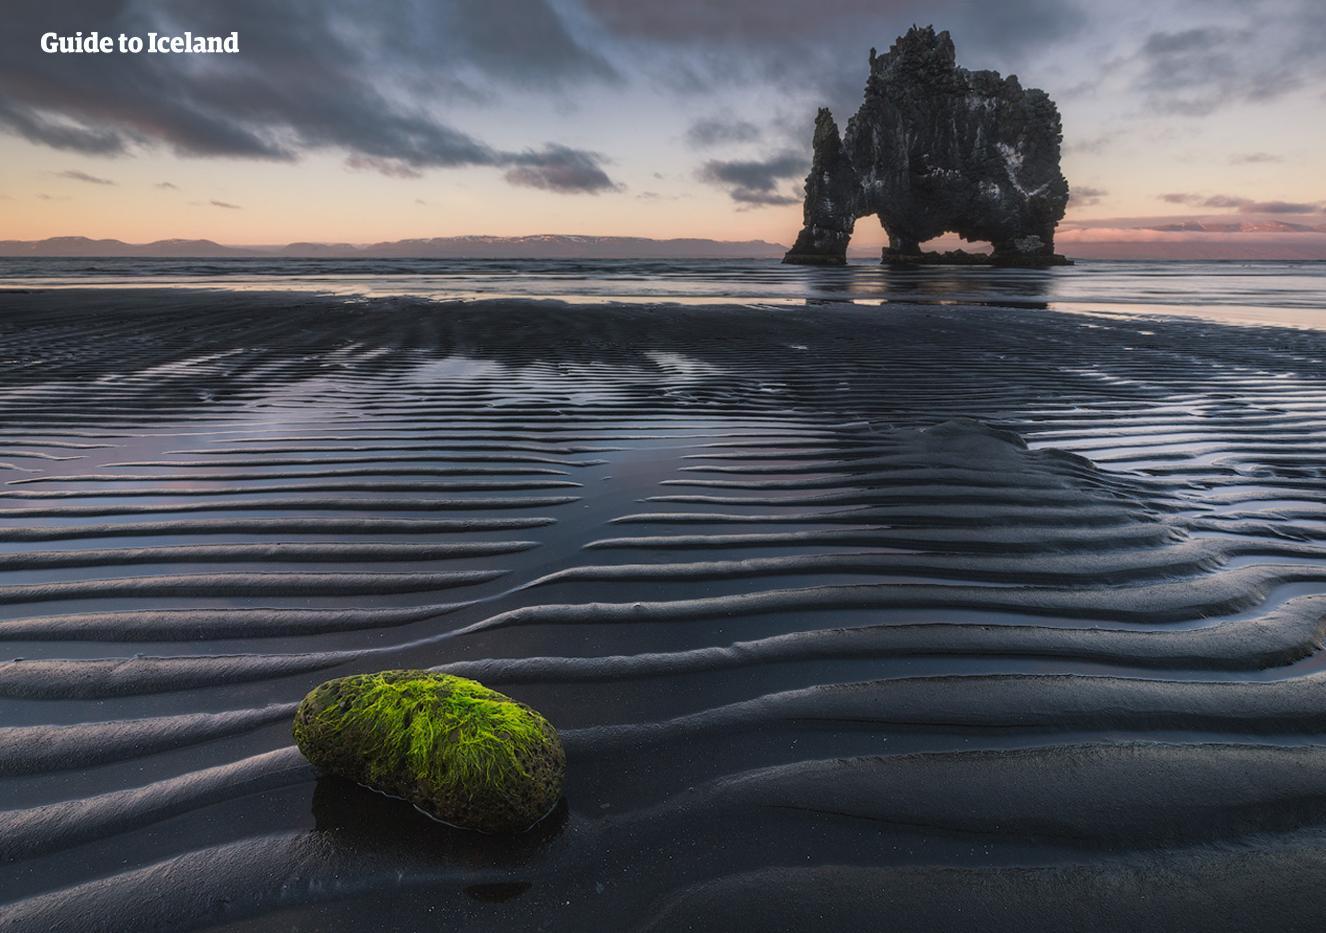 문화적, 자연적 명소를 자랑하는 북부 아이슬란드.